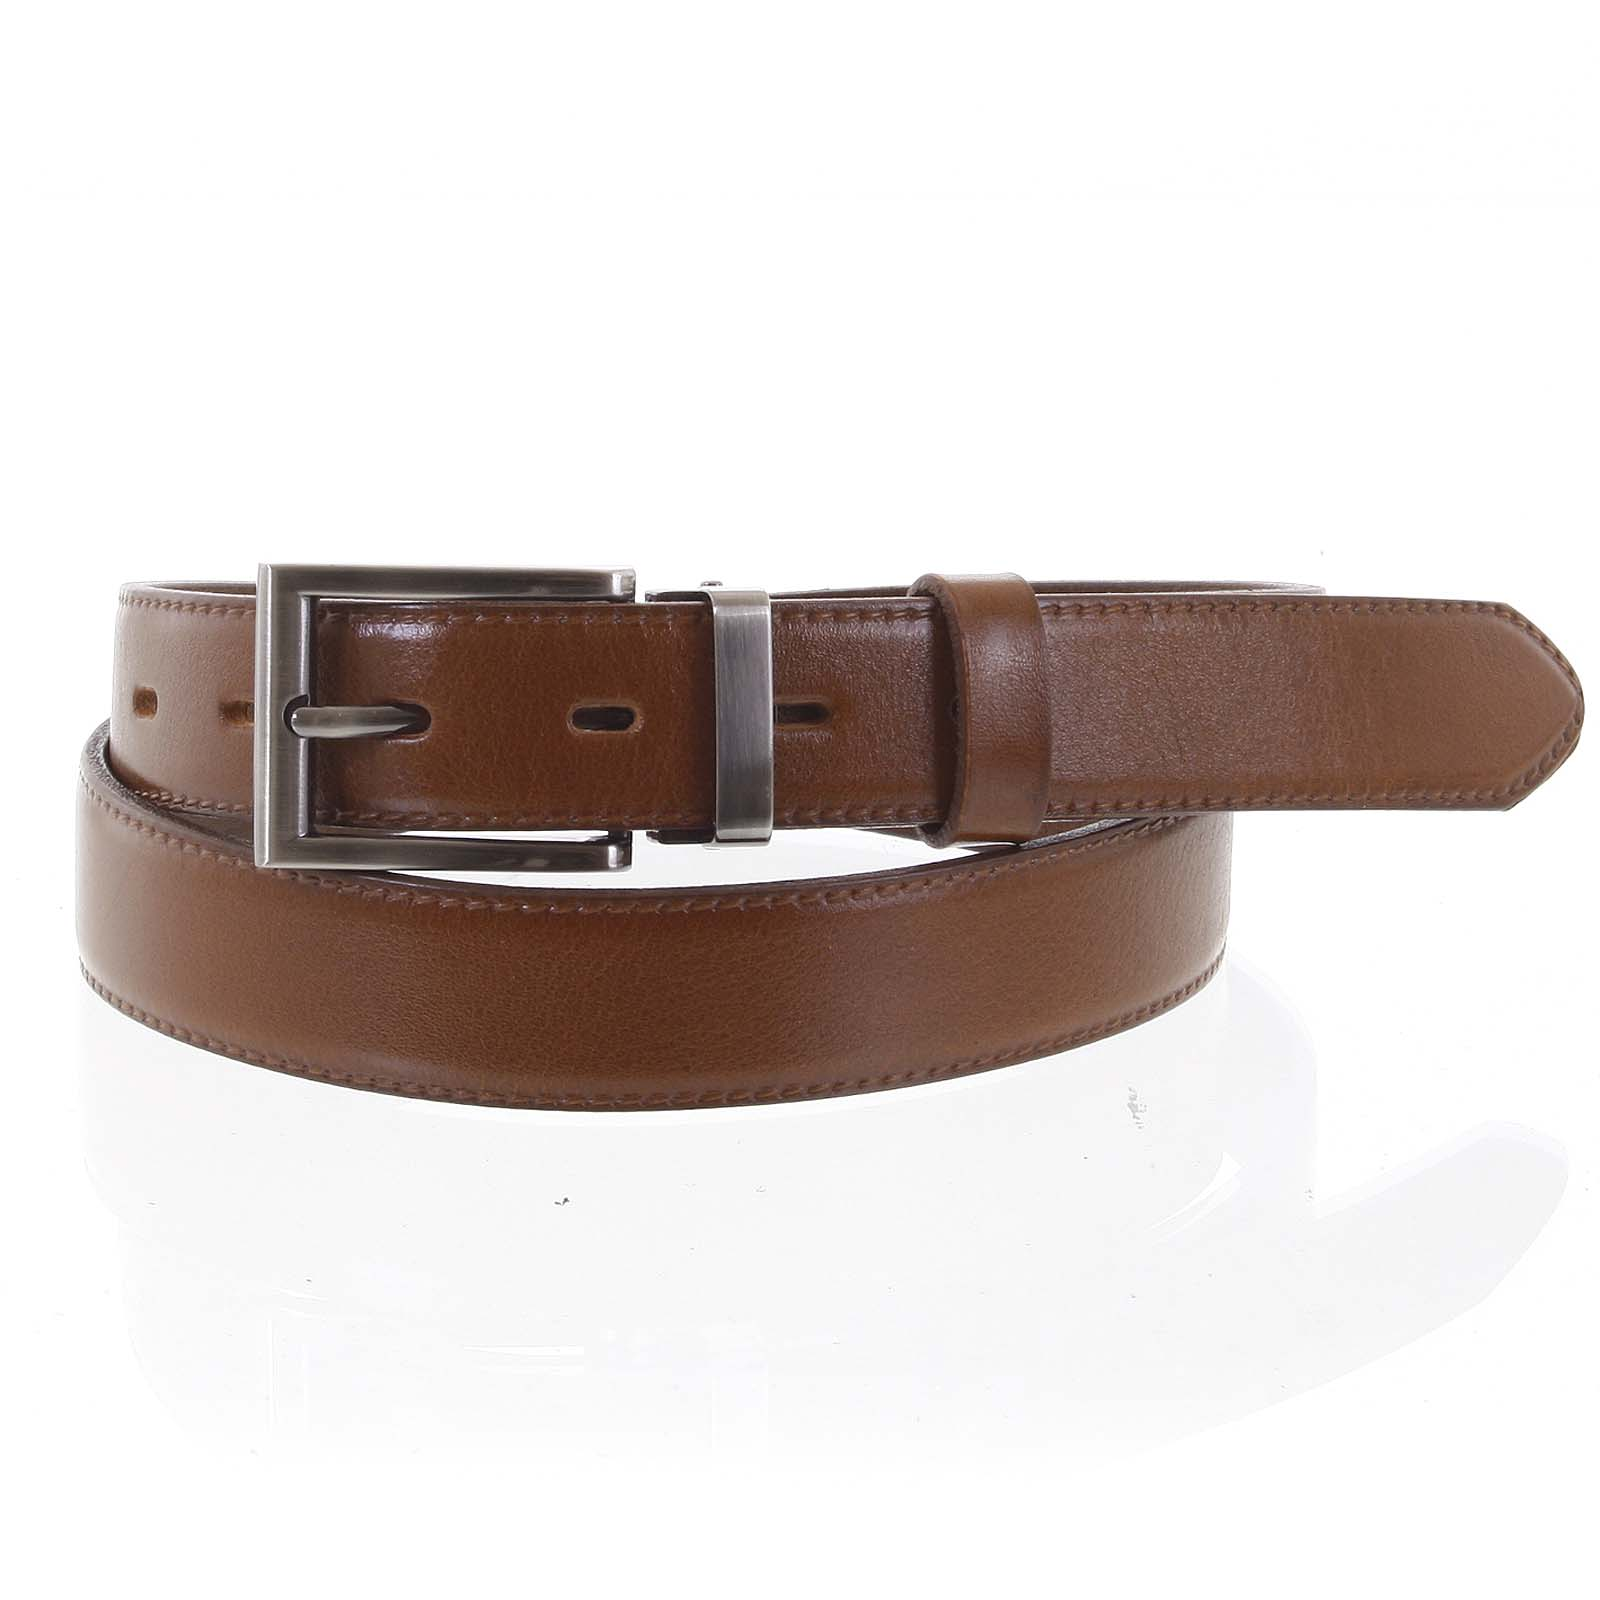 Pánský kožený opasek oblekový hnědý - PB Labim 115